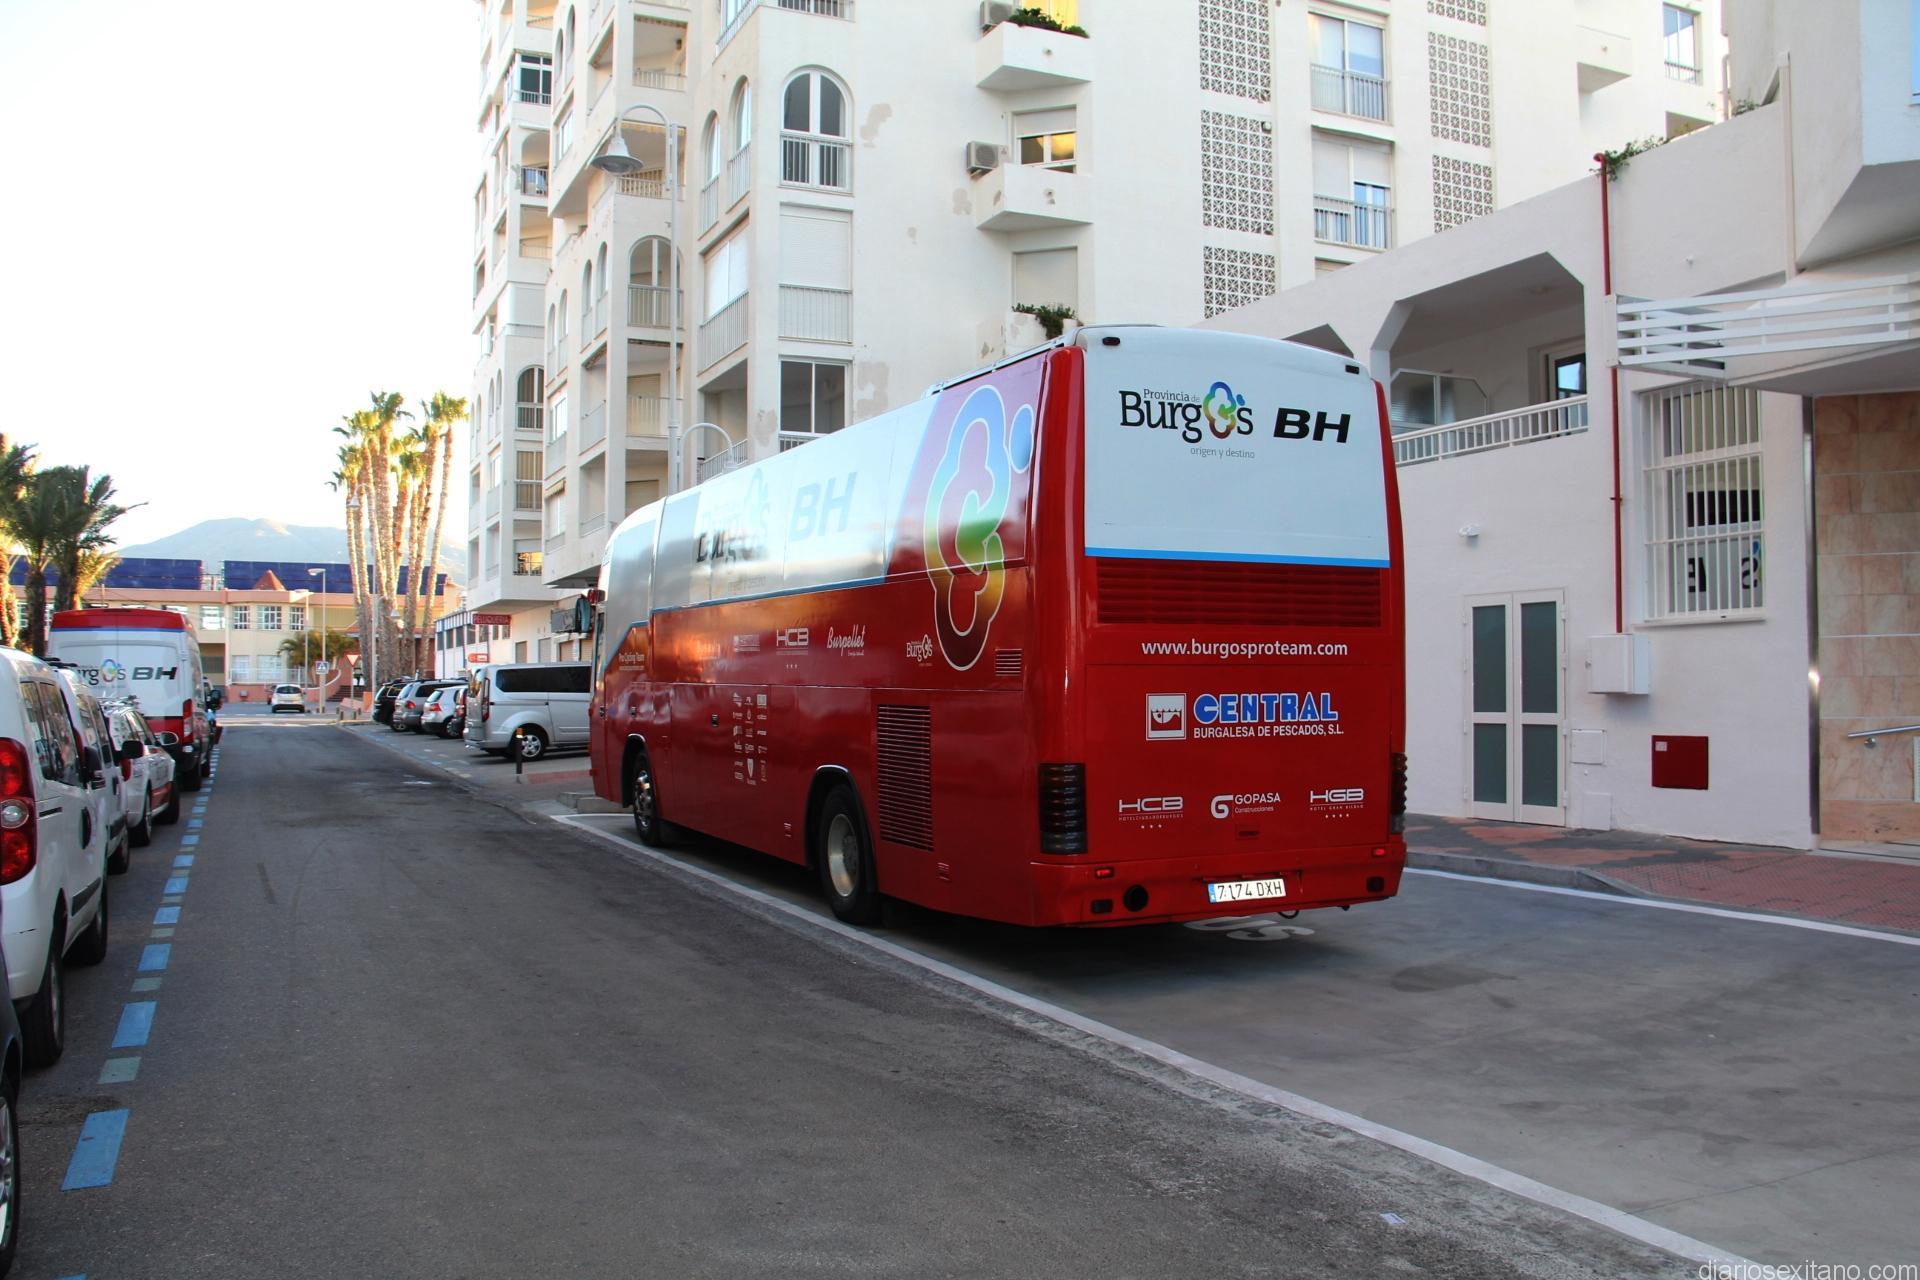 AUTOBUS BURGOS BH EN ALMUÑECAR 18